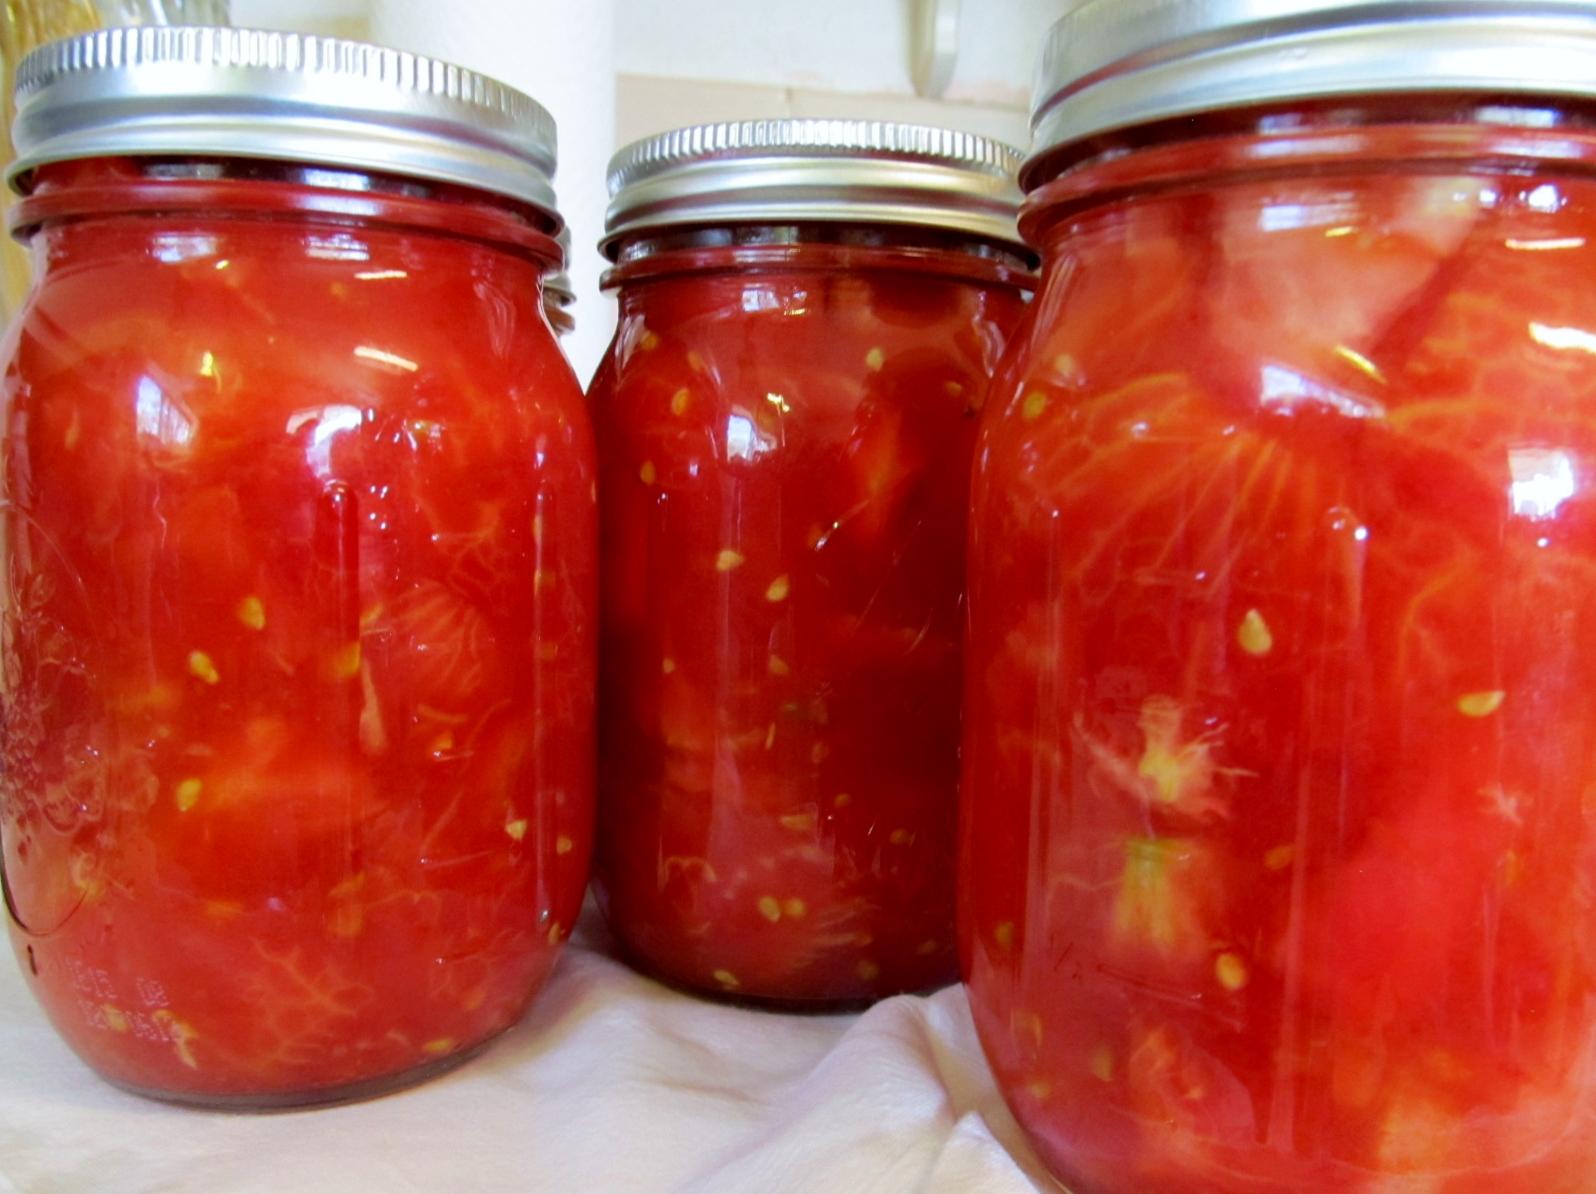 Приготовление помидоров в томатной пасте на зиму: лучшие рецепты. как приготовить помидоры острые, с желатином, зеленые, дольками, в томатной пасте и в томатном соусе: вкусный рецепт на зиму